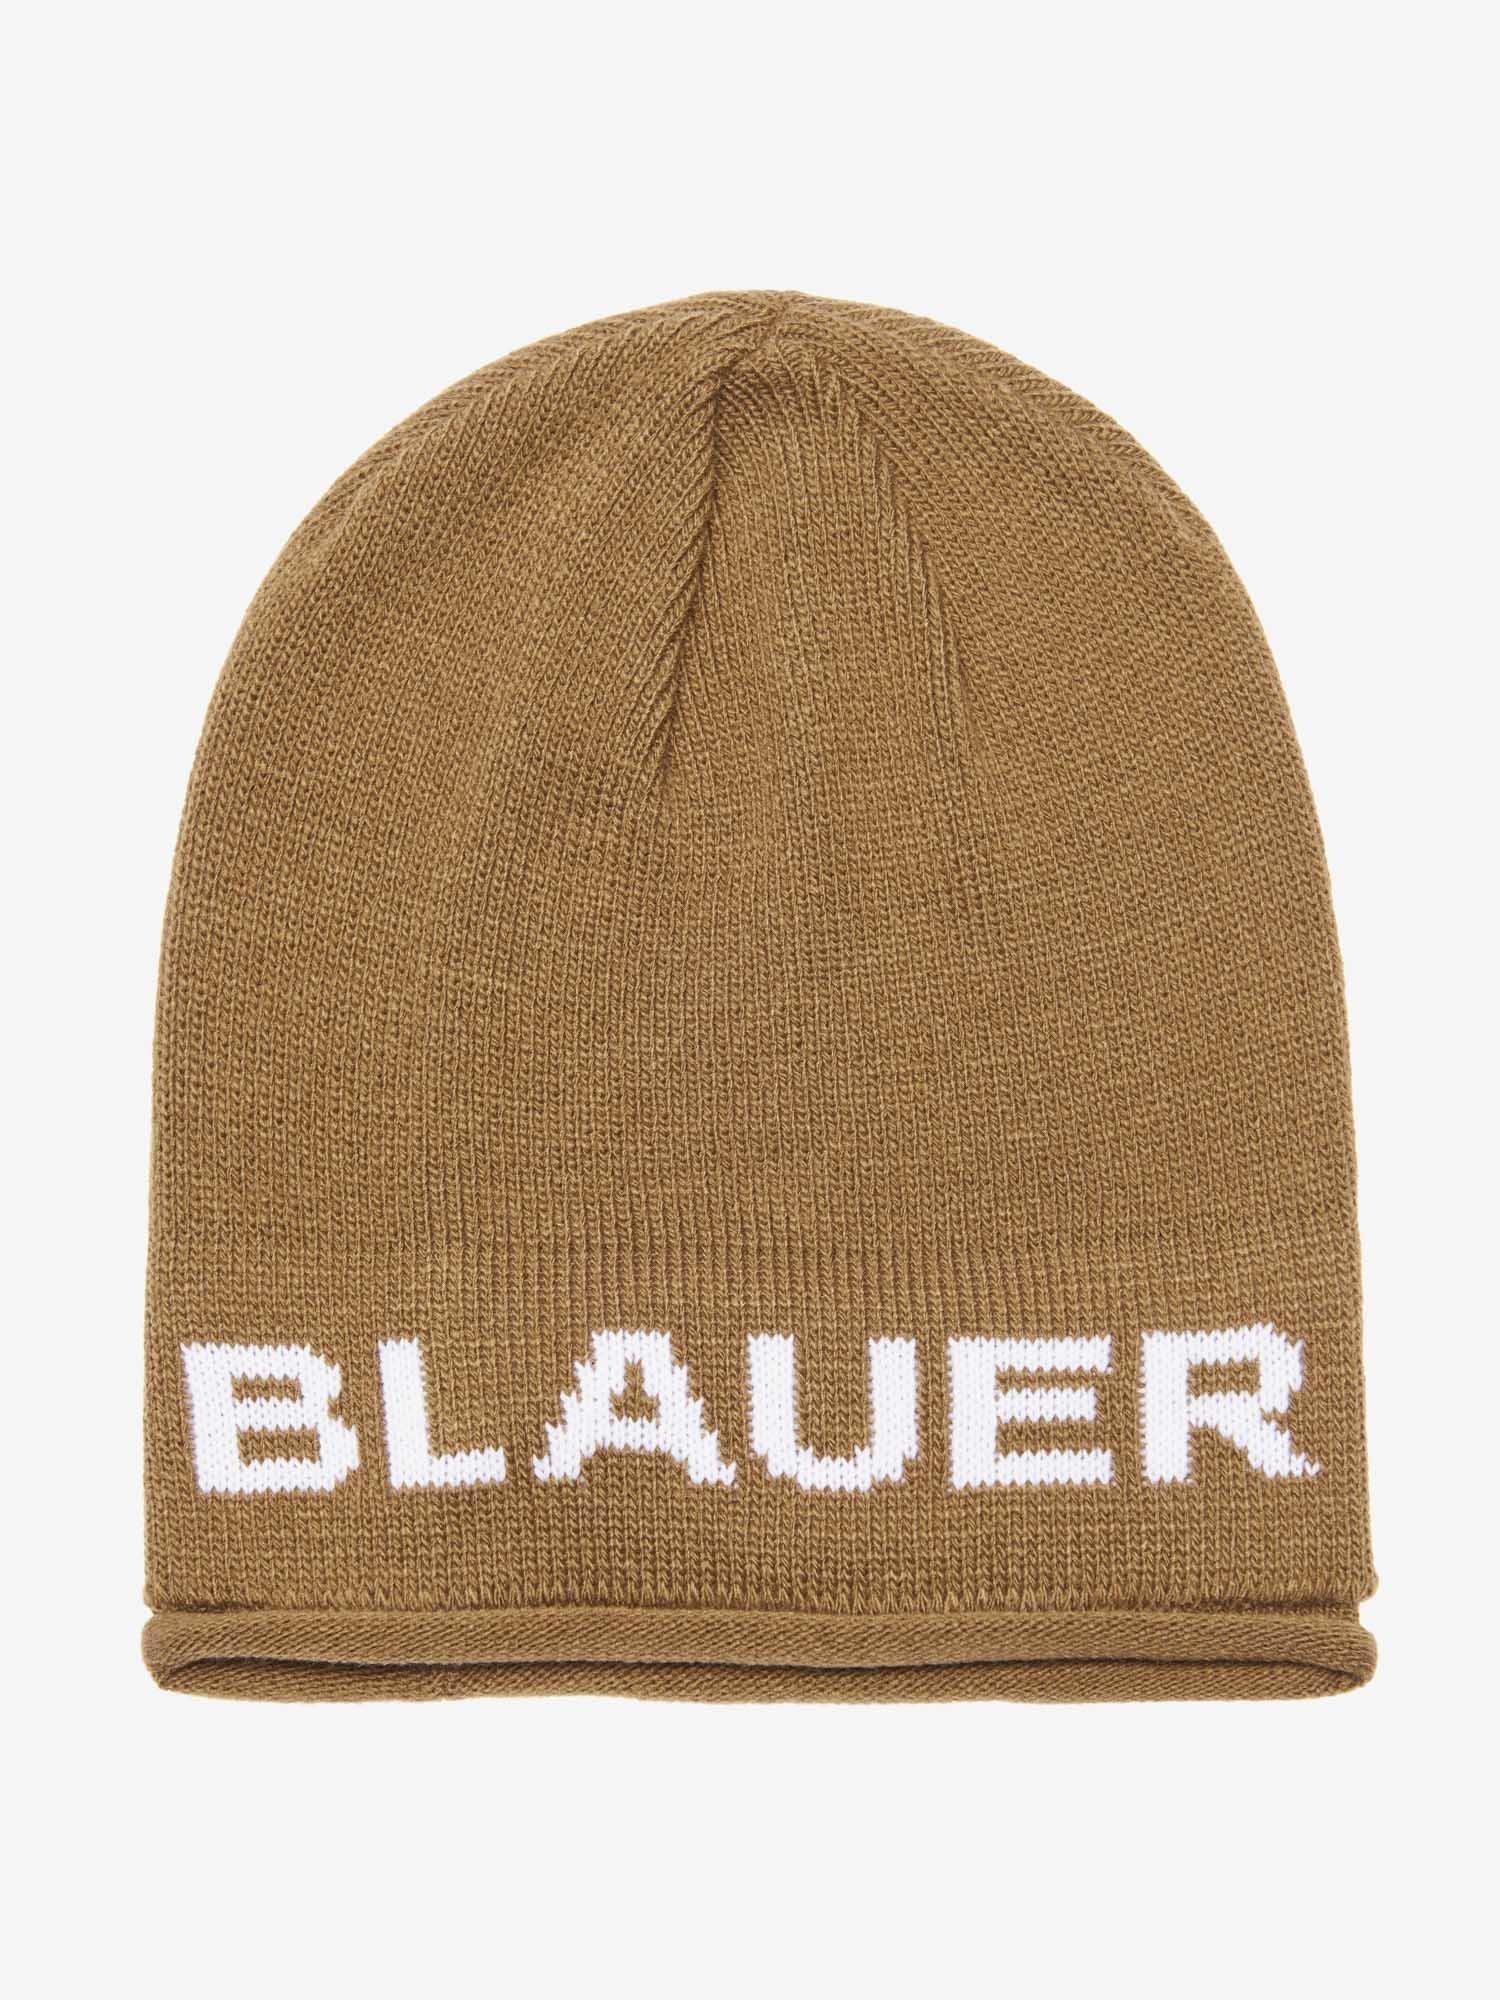 BLAUER CAP - Blauer